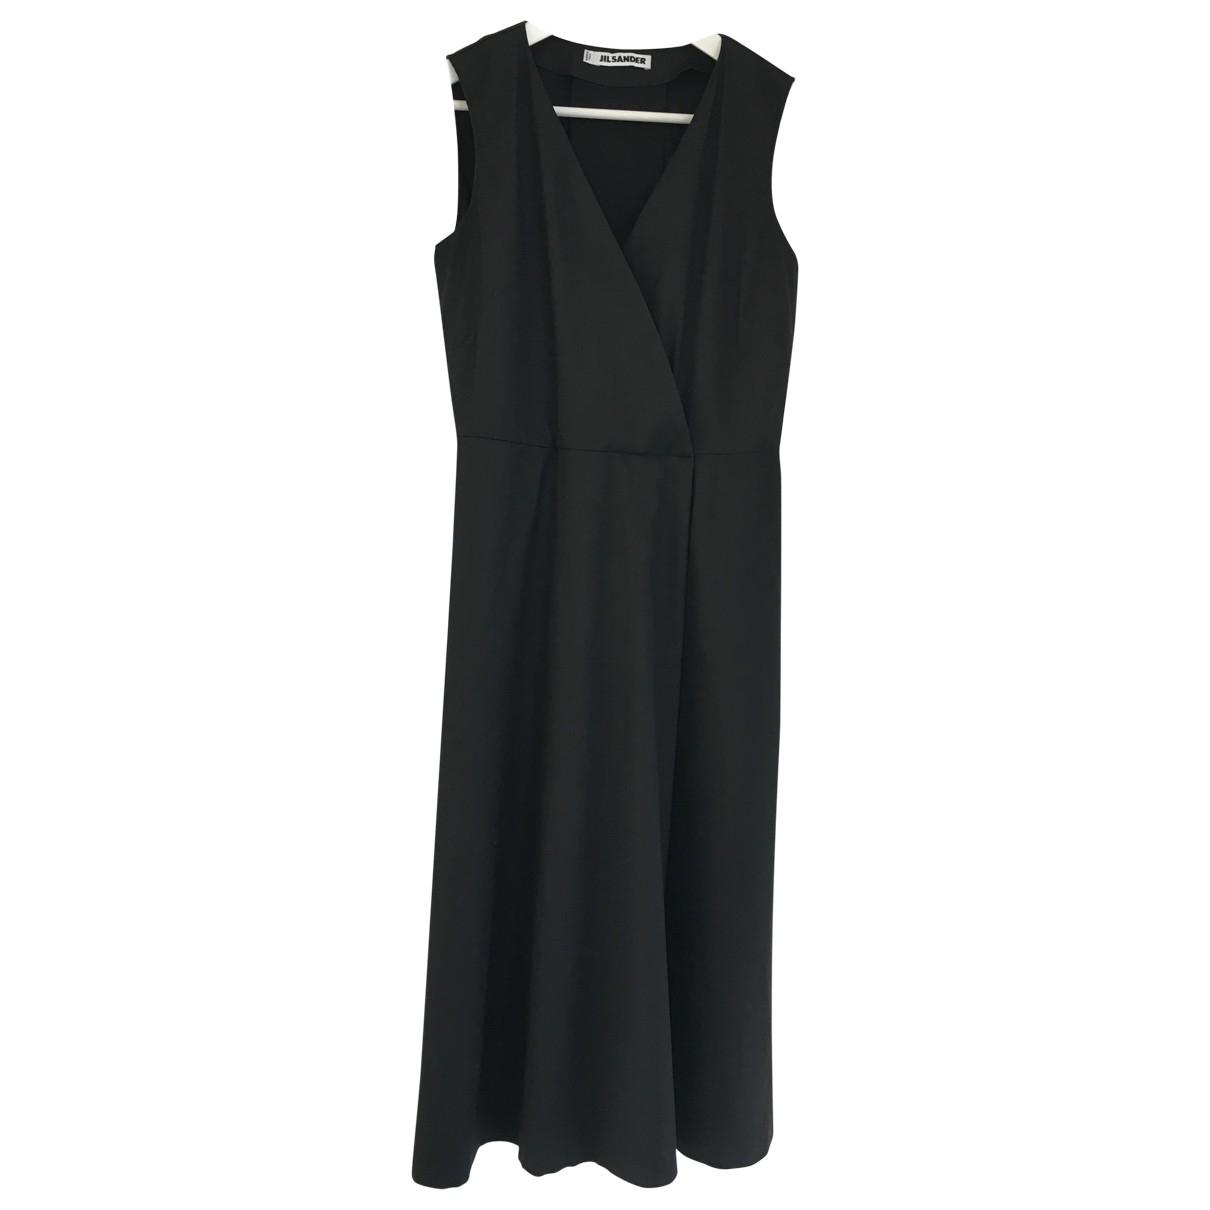 Jil Sander \N Black Cotton - elasthane dress for Women 10 UK